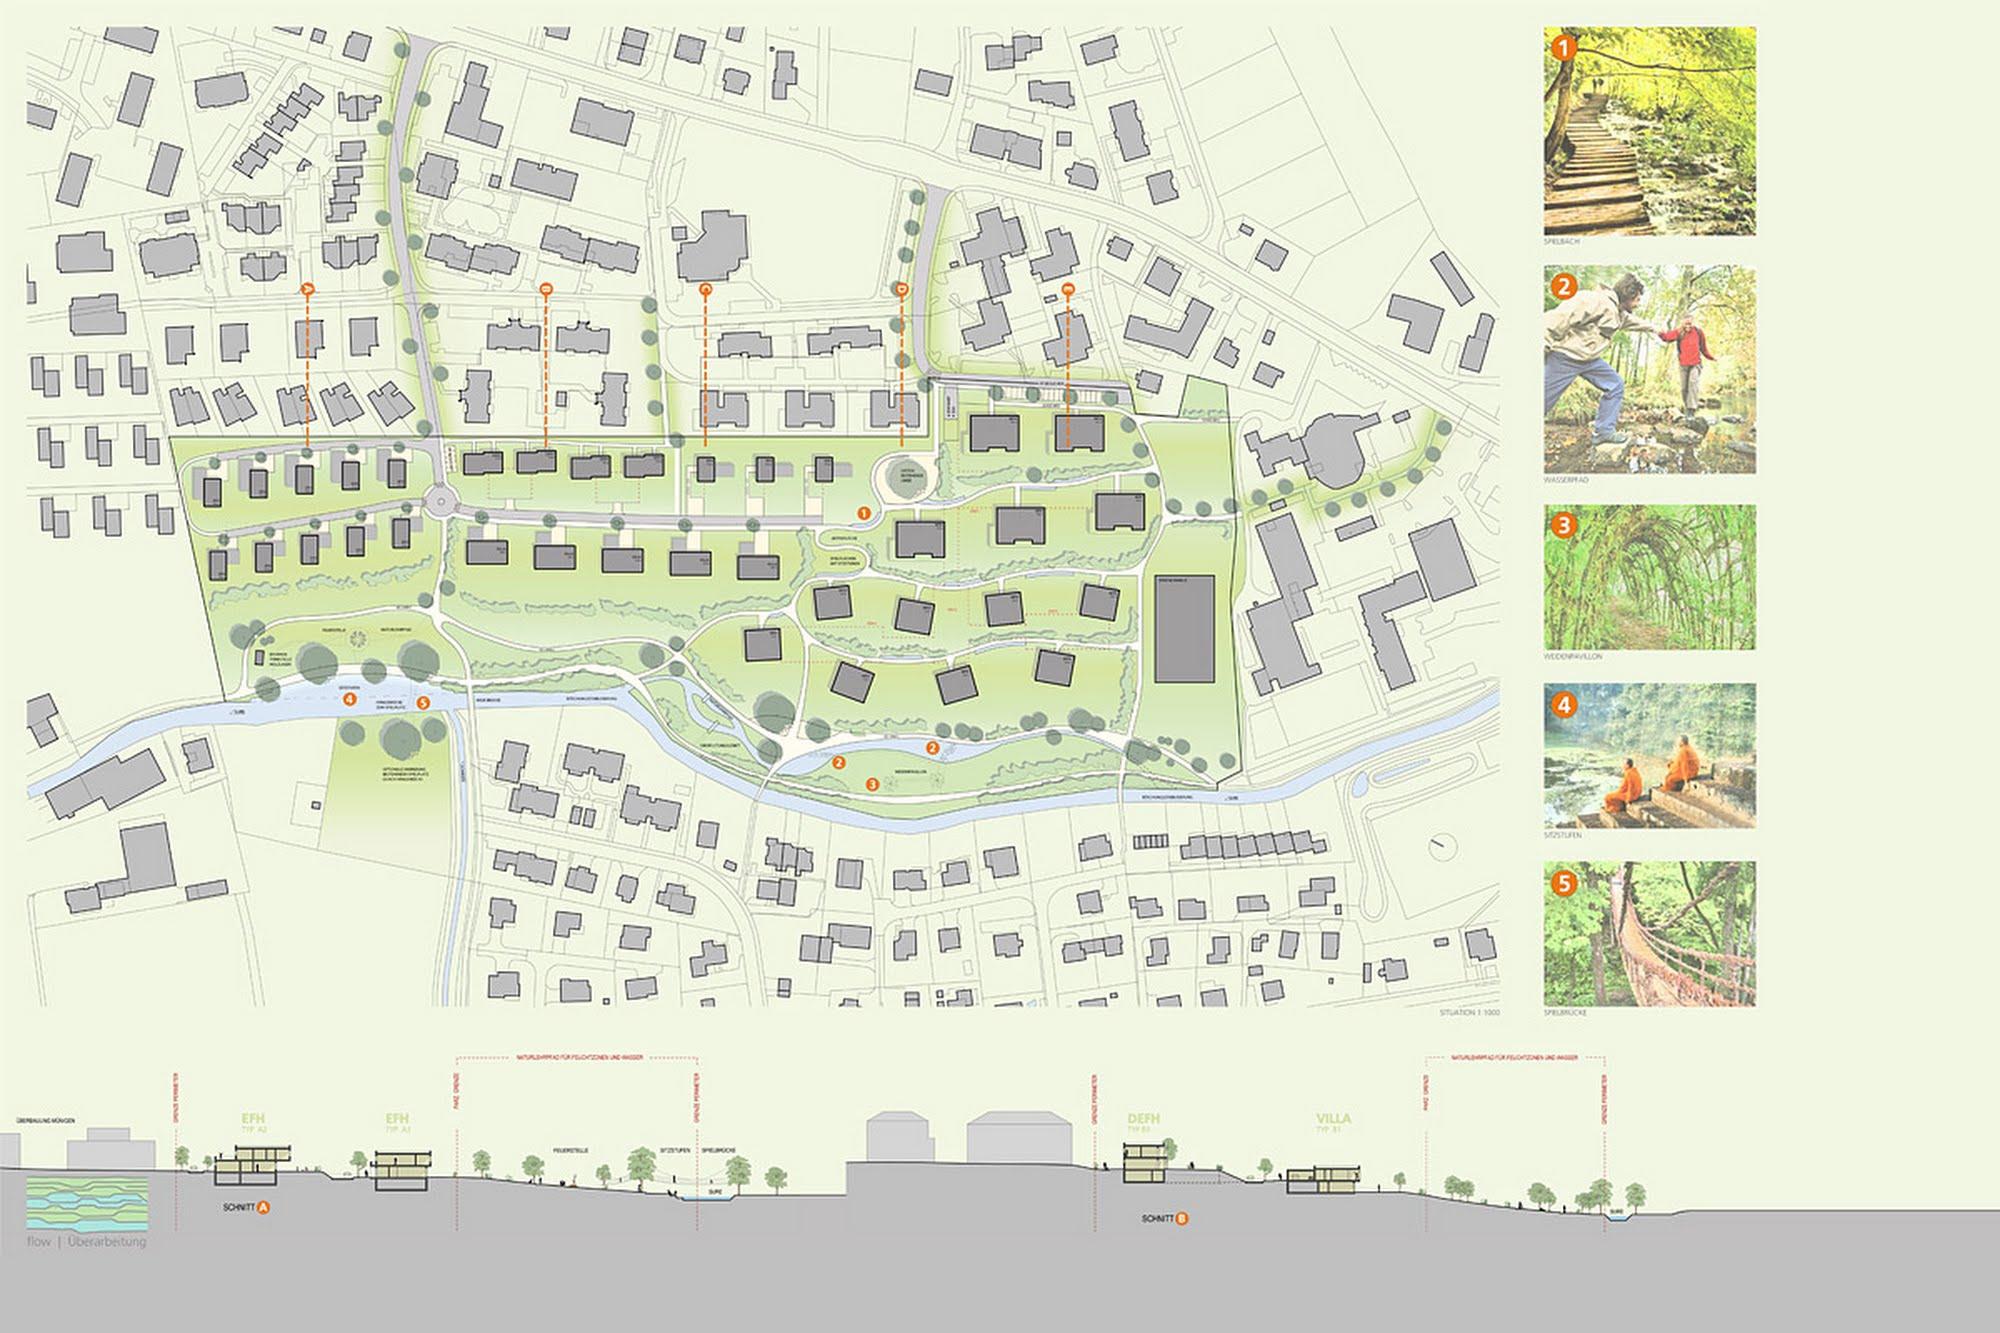 Wohnen MFH,Wohnen EFH Wettbewerb Surenweidpark Architektur,Wohnungsbau,Wohnhäuser,Einfamilienhäuser,Mehrfamilienhäuser